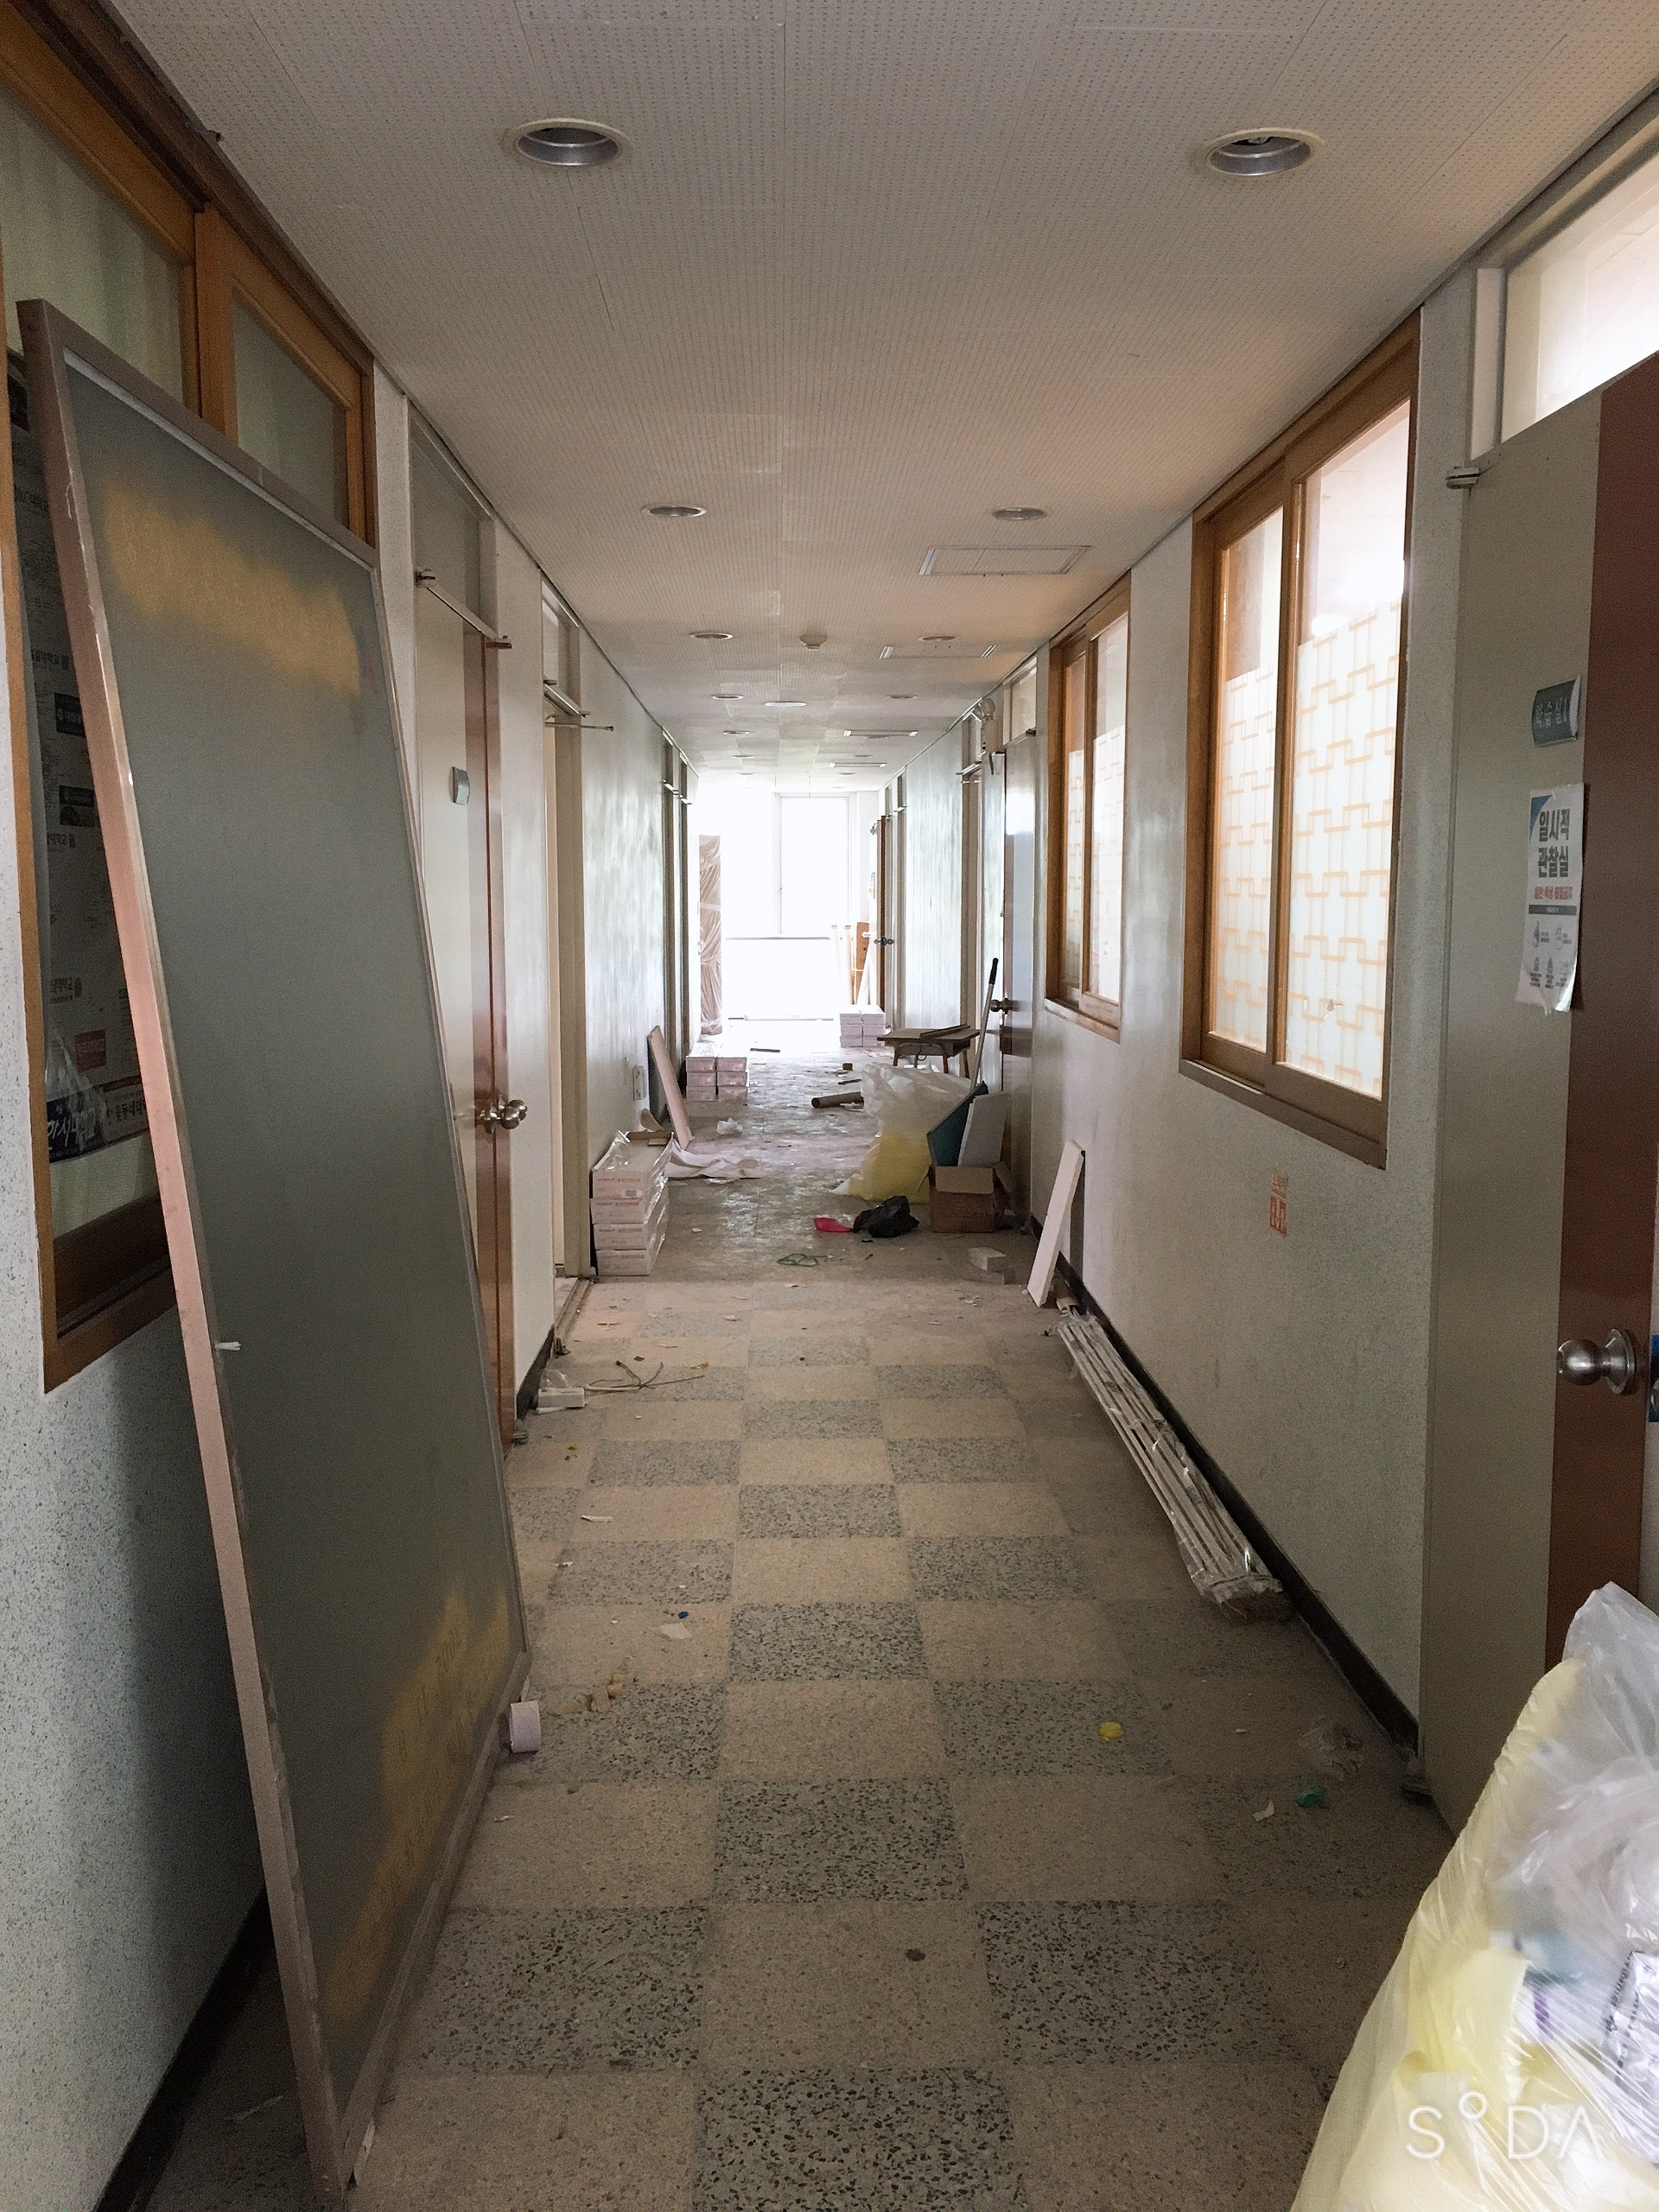 [일반] 2020학년도 기숙사 환경 공사의 첨부이미지 3